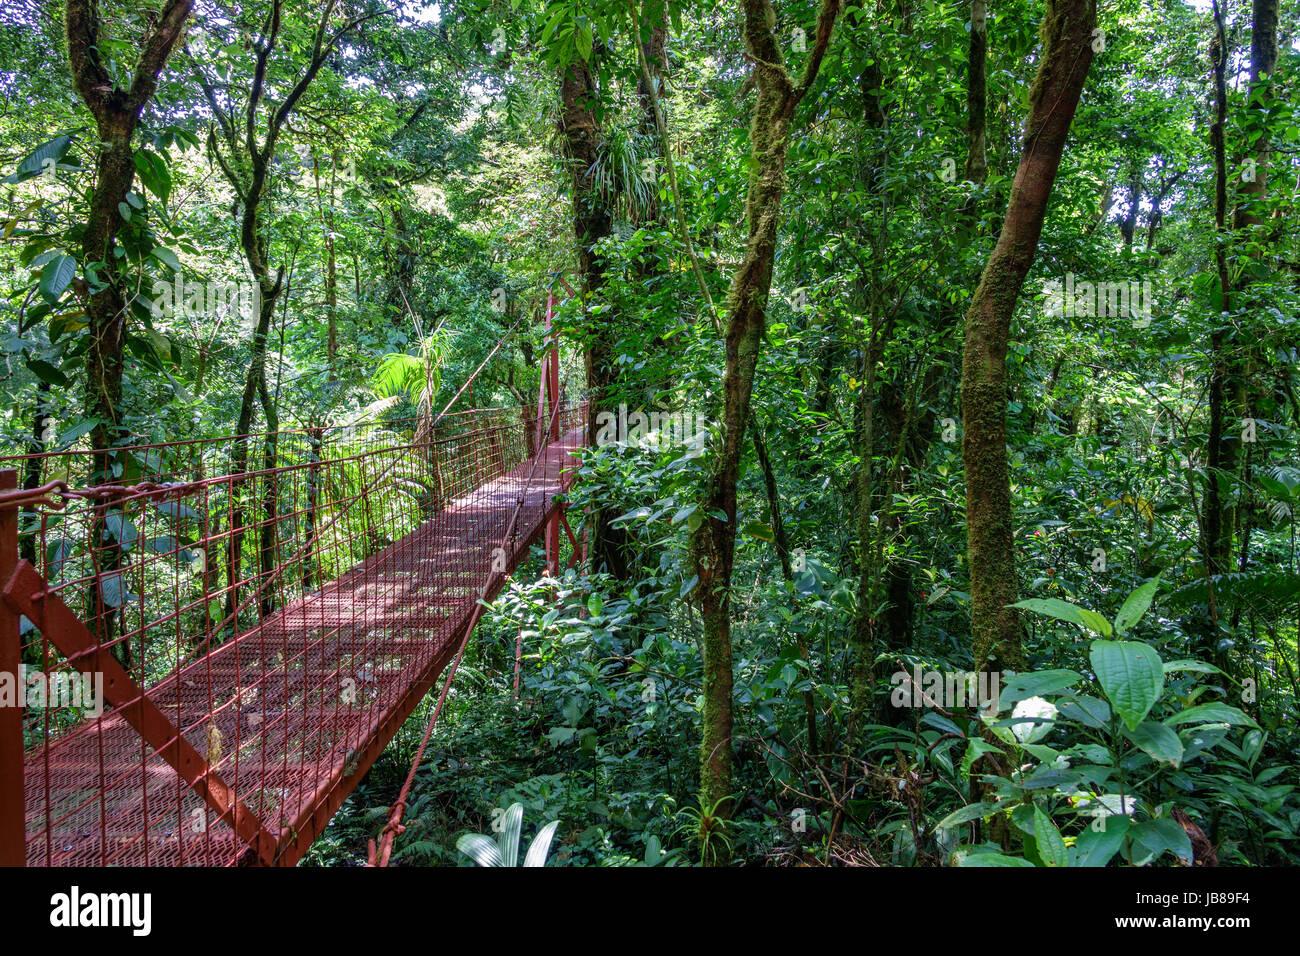 Amplio ángulo de visión de puente colgante rojo en el Bosque Lluvioso de Monteverde Imagen De Stock